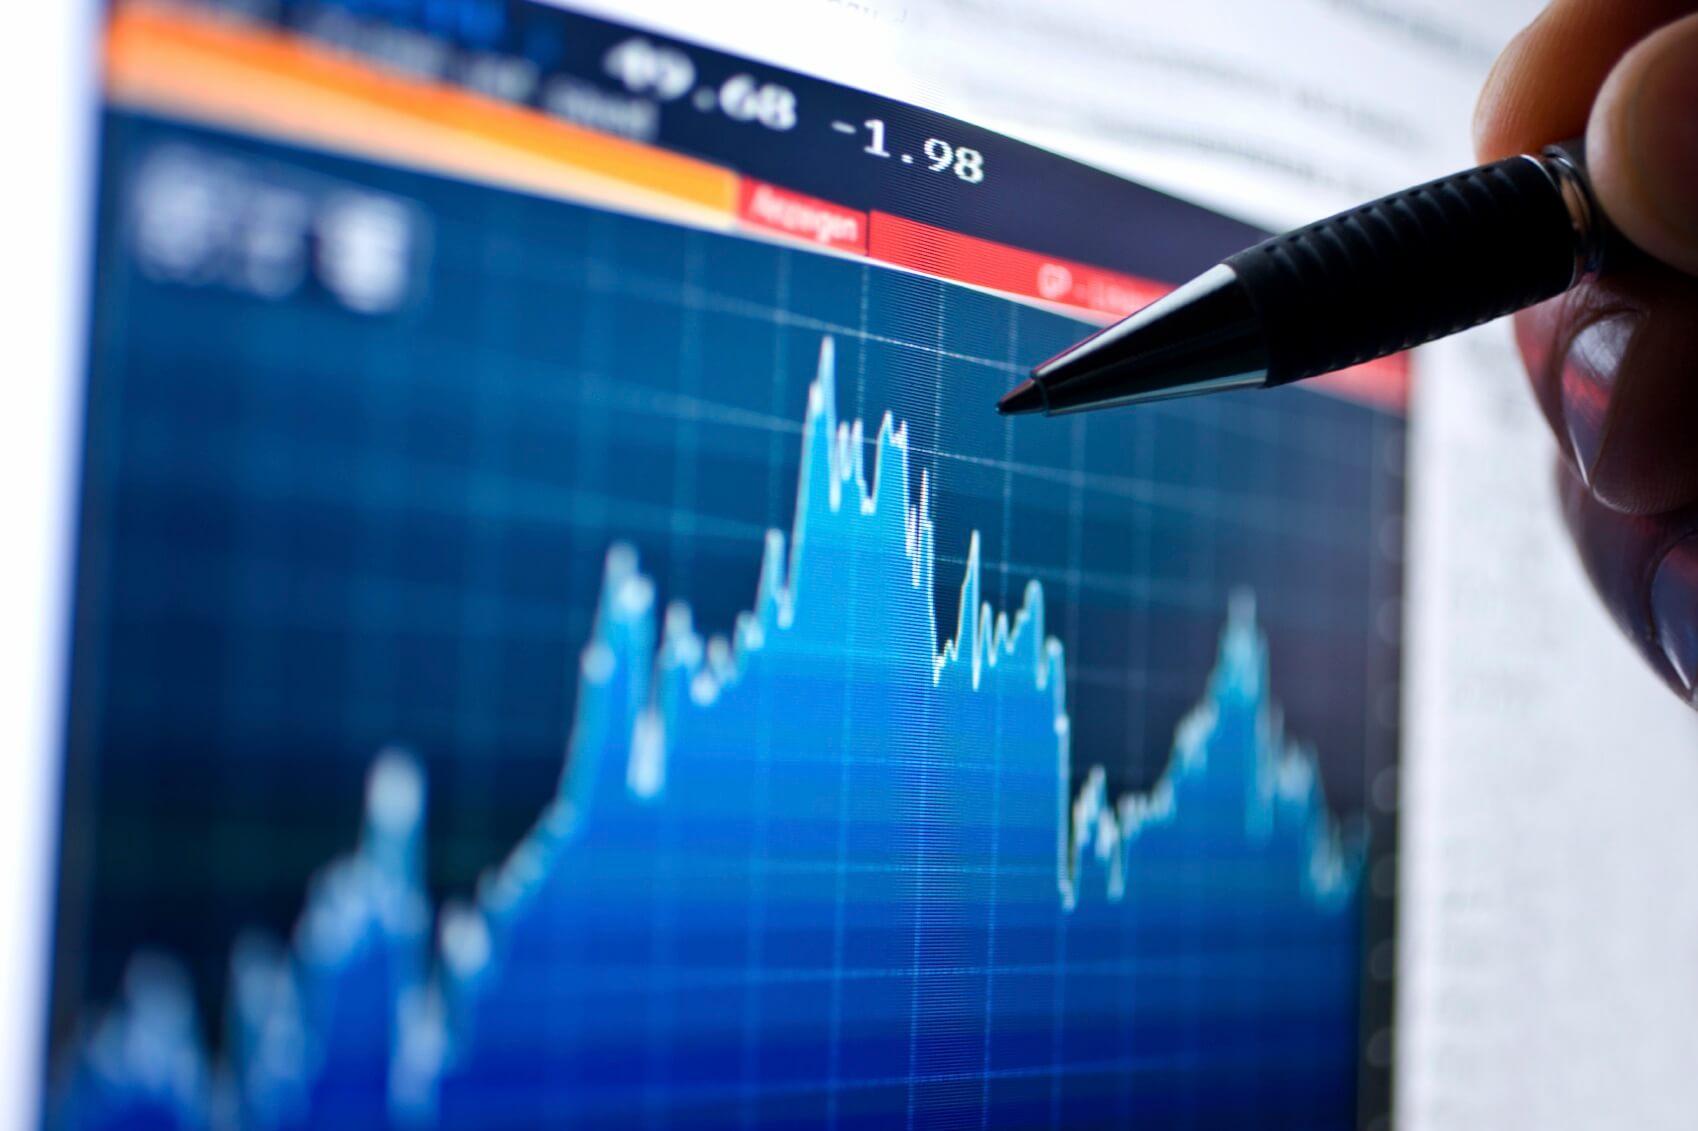 Инвестиции в акции: виды вложений, инструменты, топ компаний